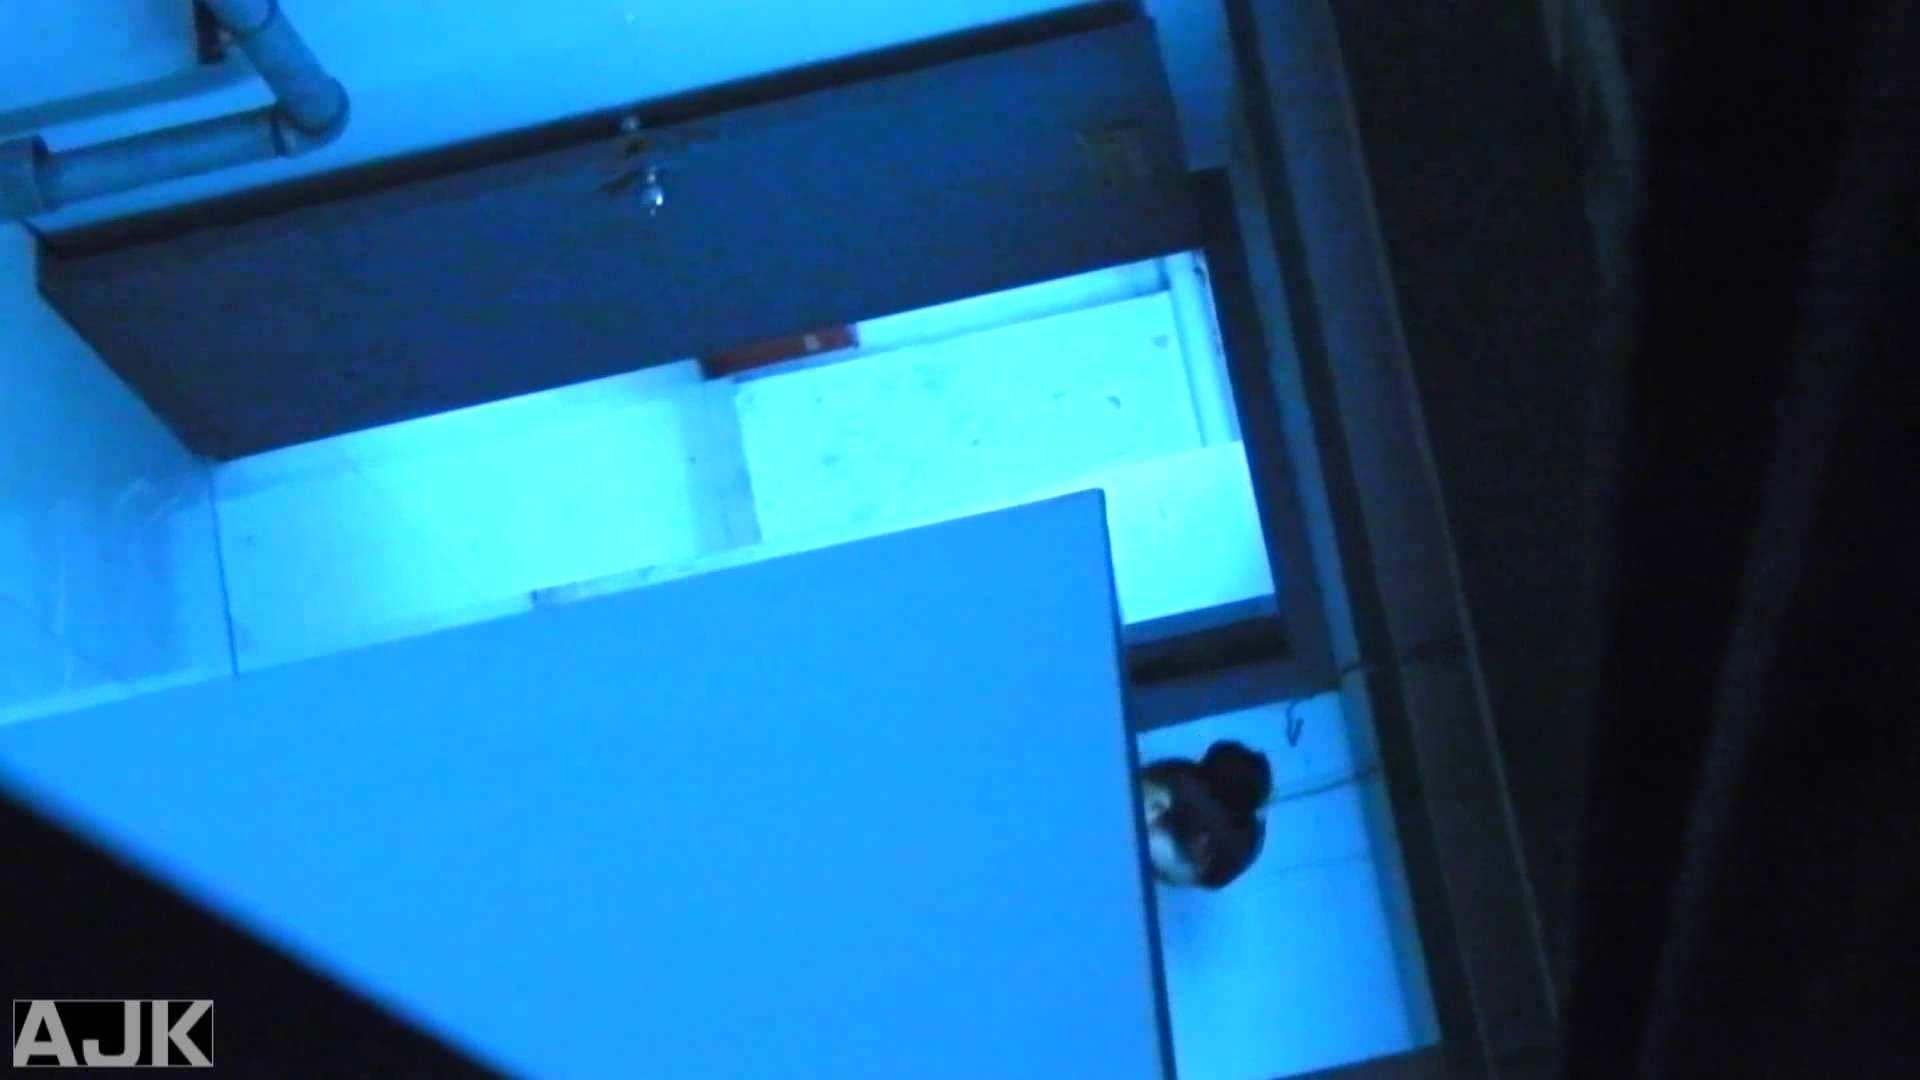 隣国上階級エリアの令嬢たちが集うデパートお手洗い Vol.23 便器 すけべAV動画紹介 97画像 75